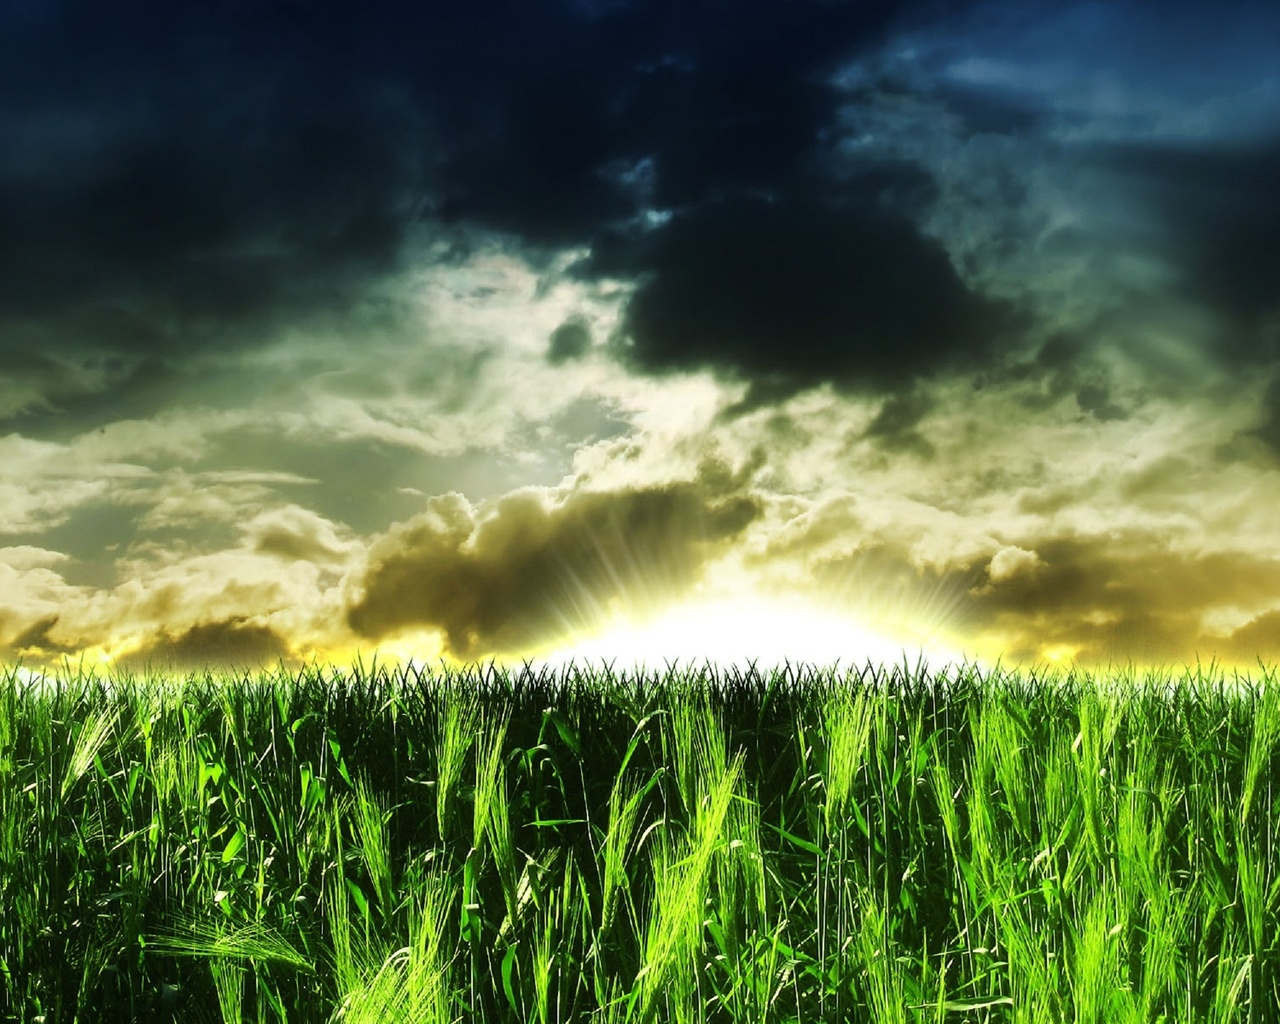 картинки с зеленым полем и словом ассоциируется моей